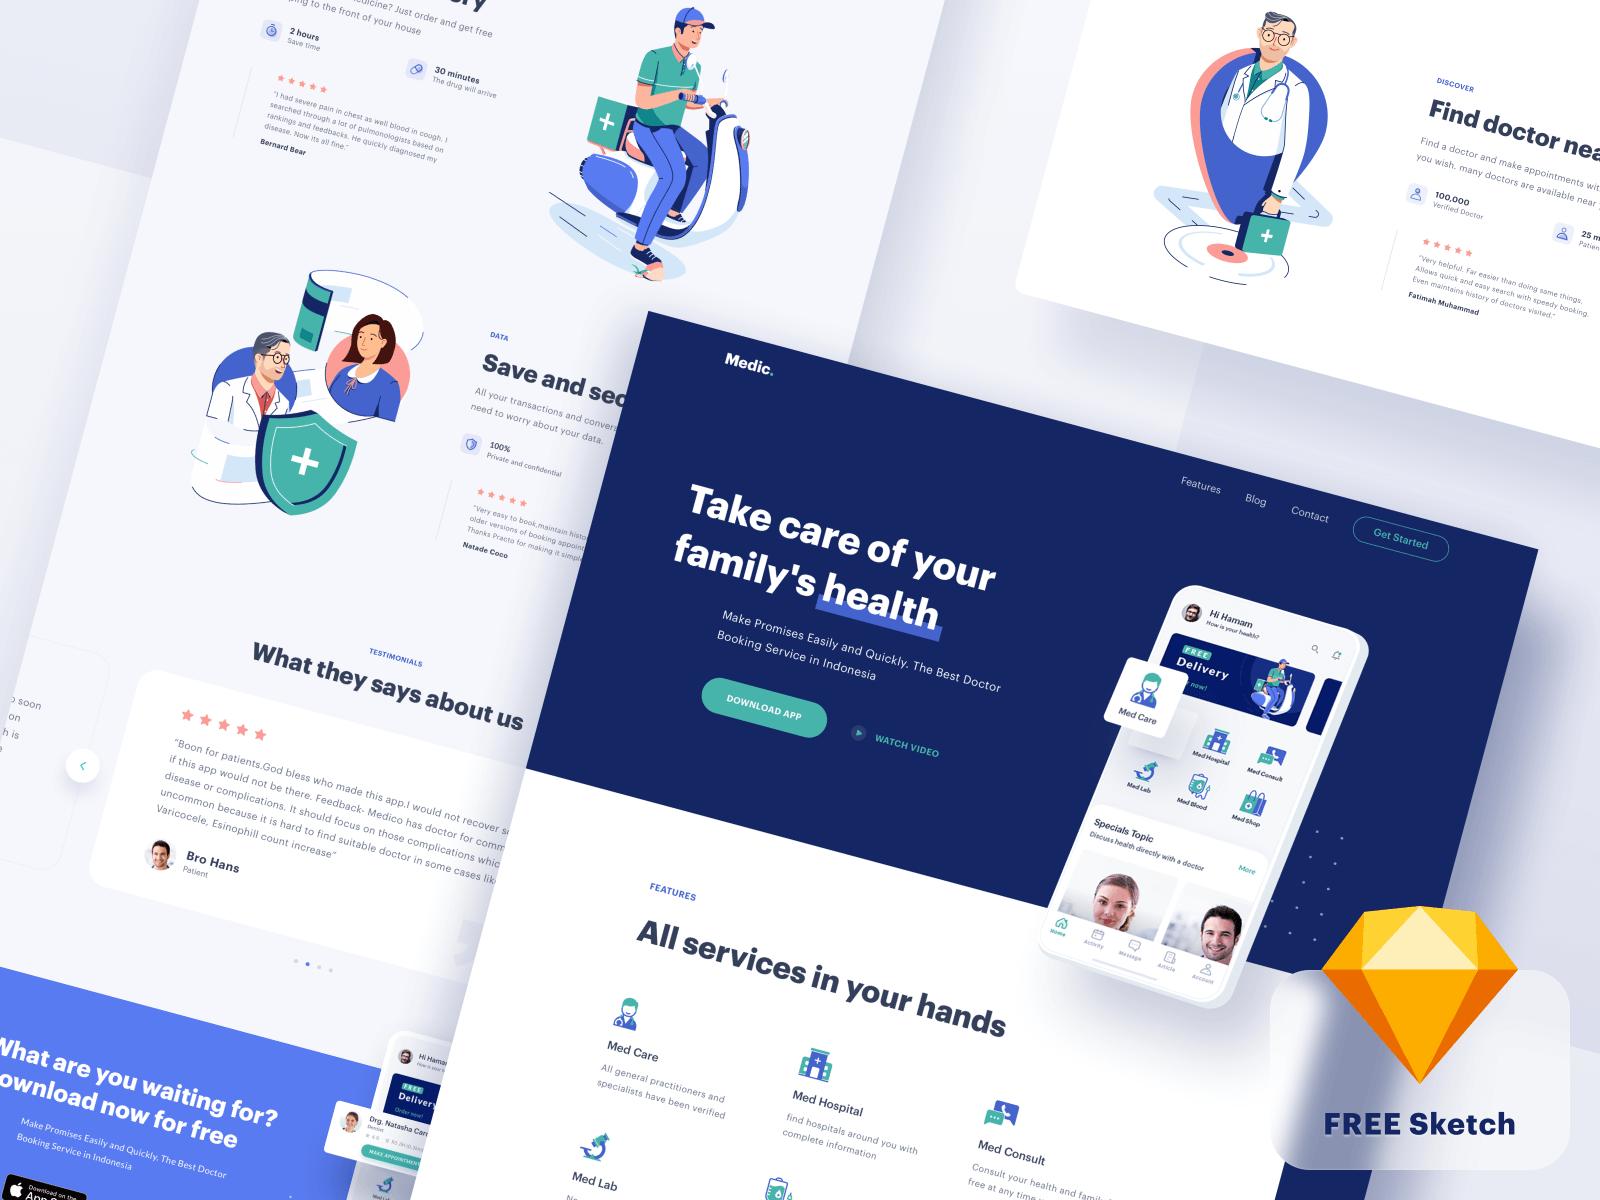 Website design for a medical app